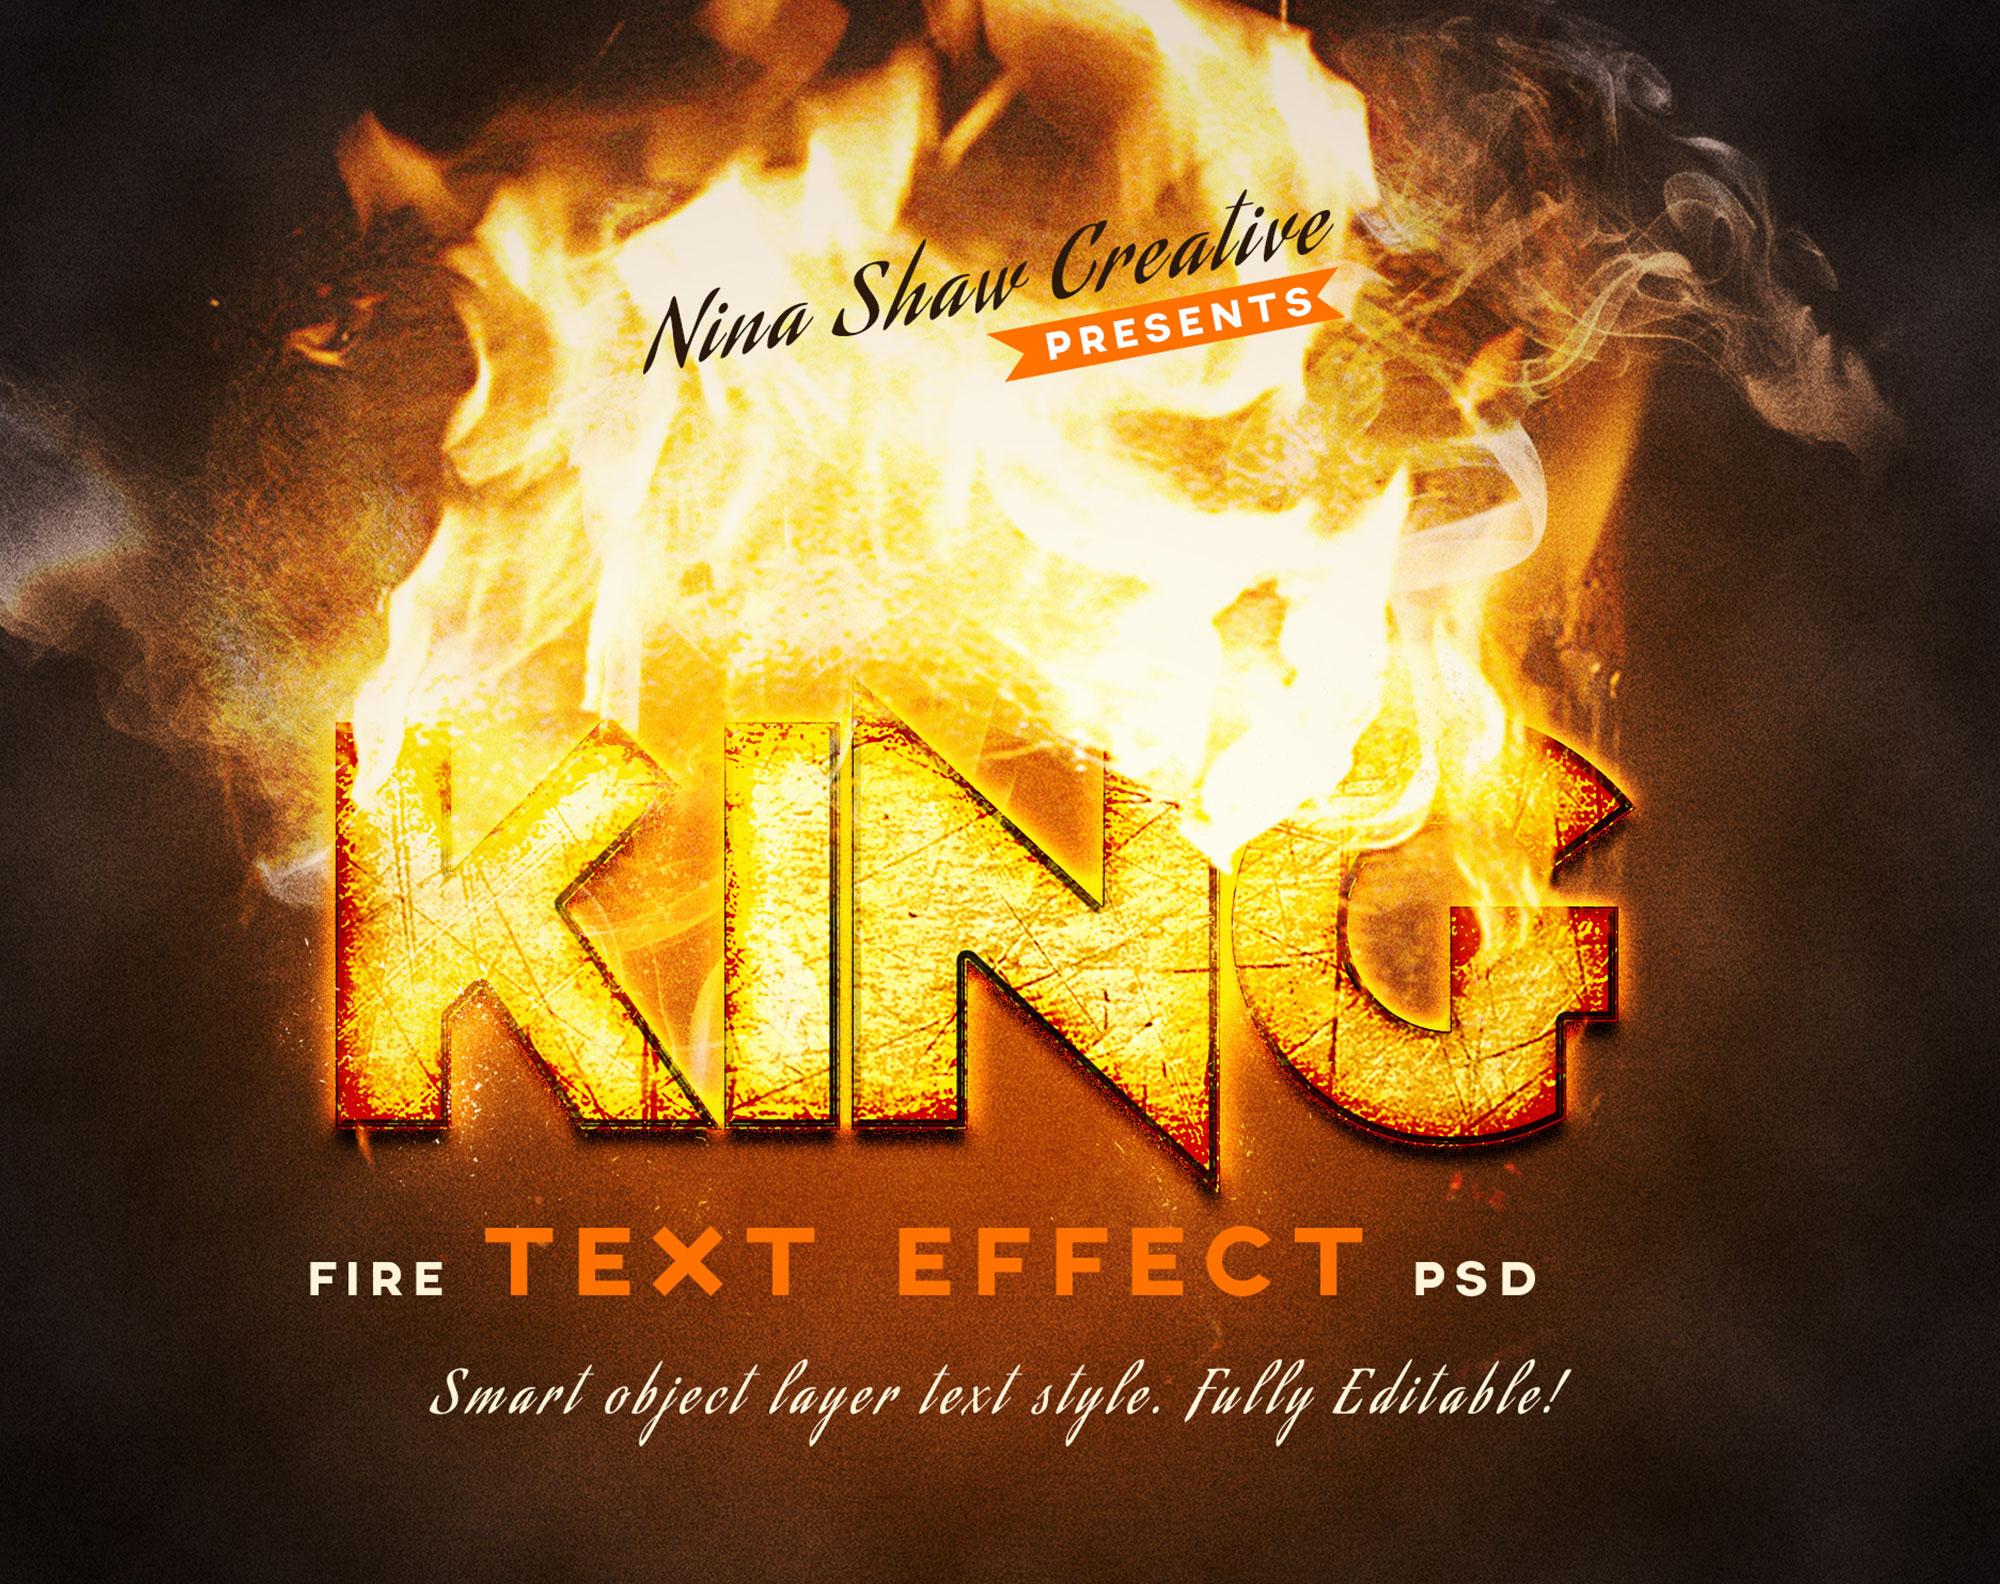 5款炫酷火焰燃烧特效立体字标题PS样式模板 Fire Text Effects插图(3)